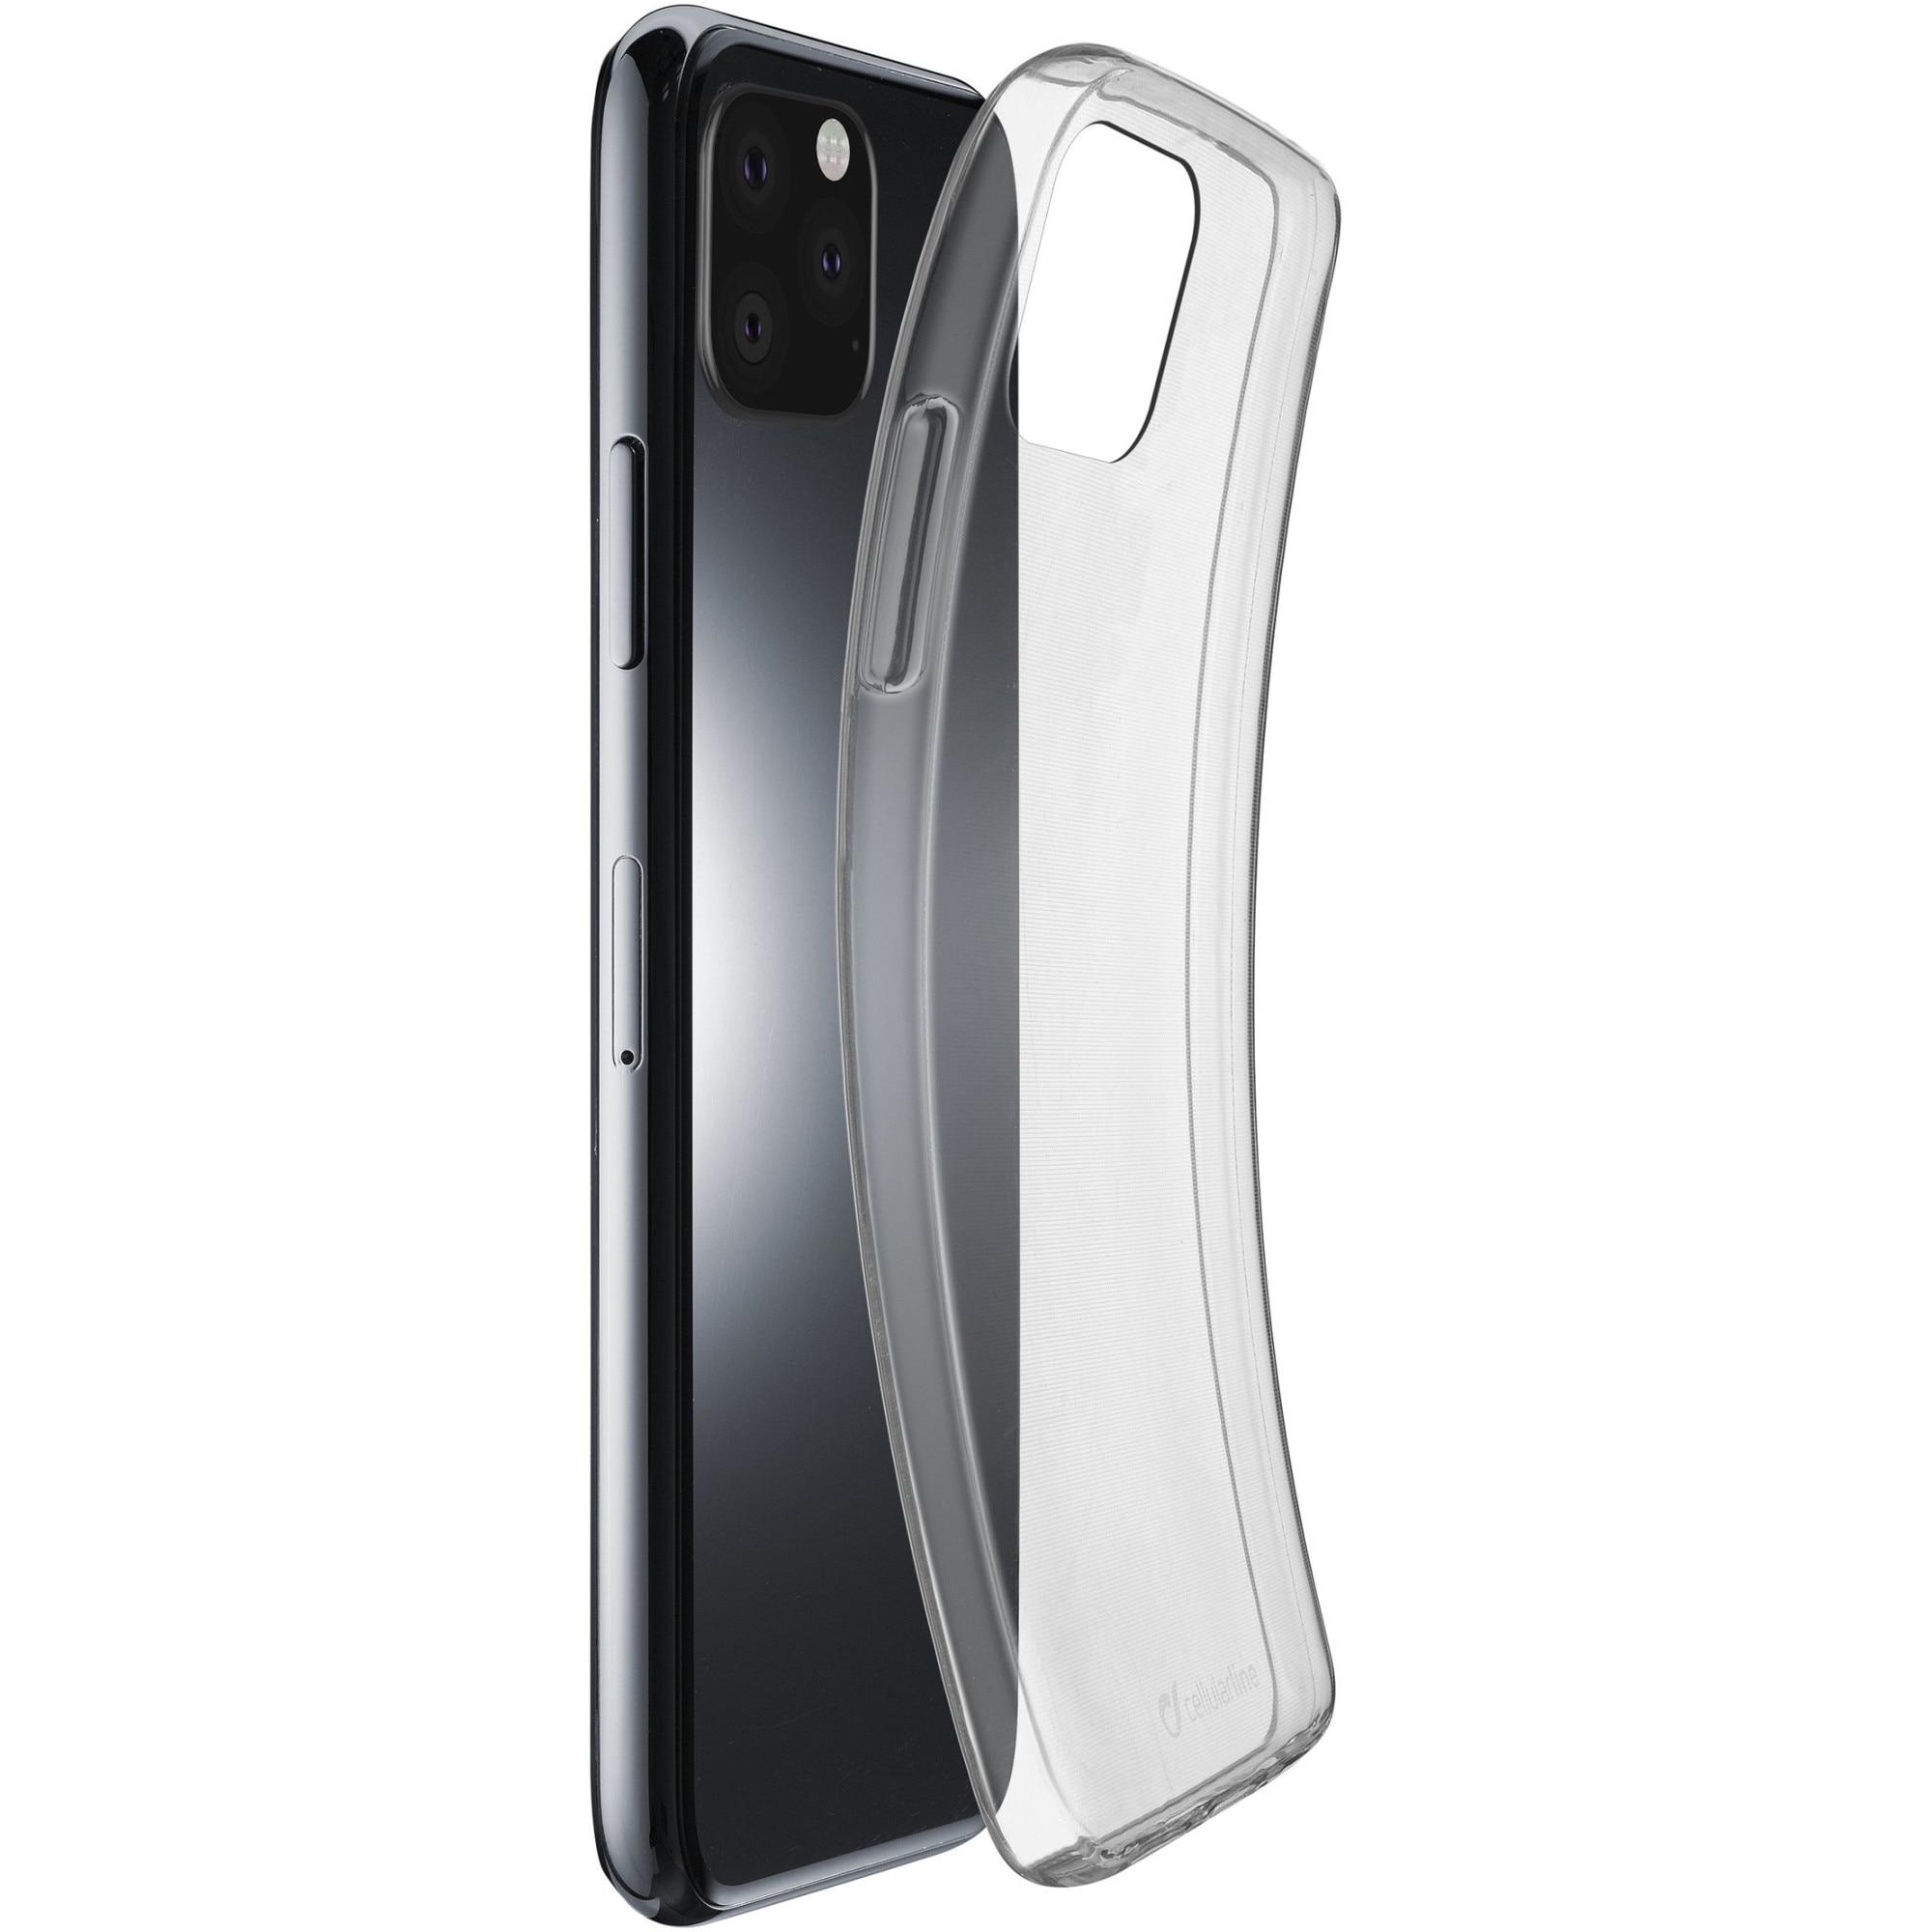 Fotografie Husa de protectie Cellularline Rubber Fine pentru iPhone 11 Pro Max, Transparenta